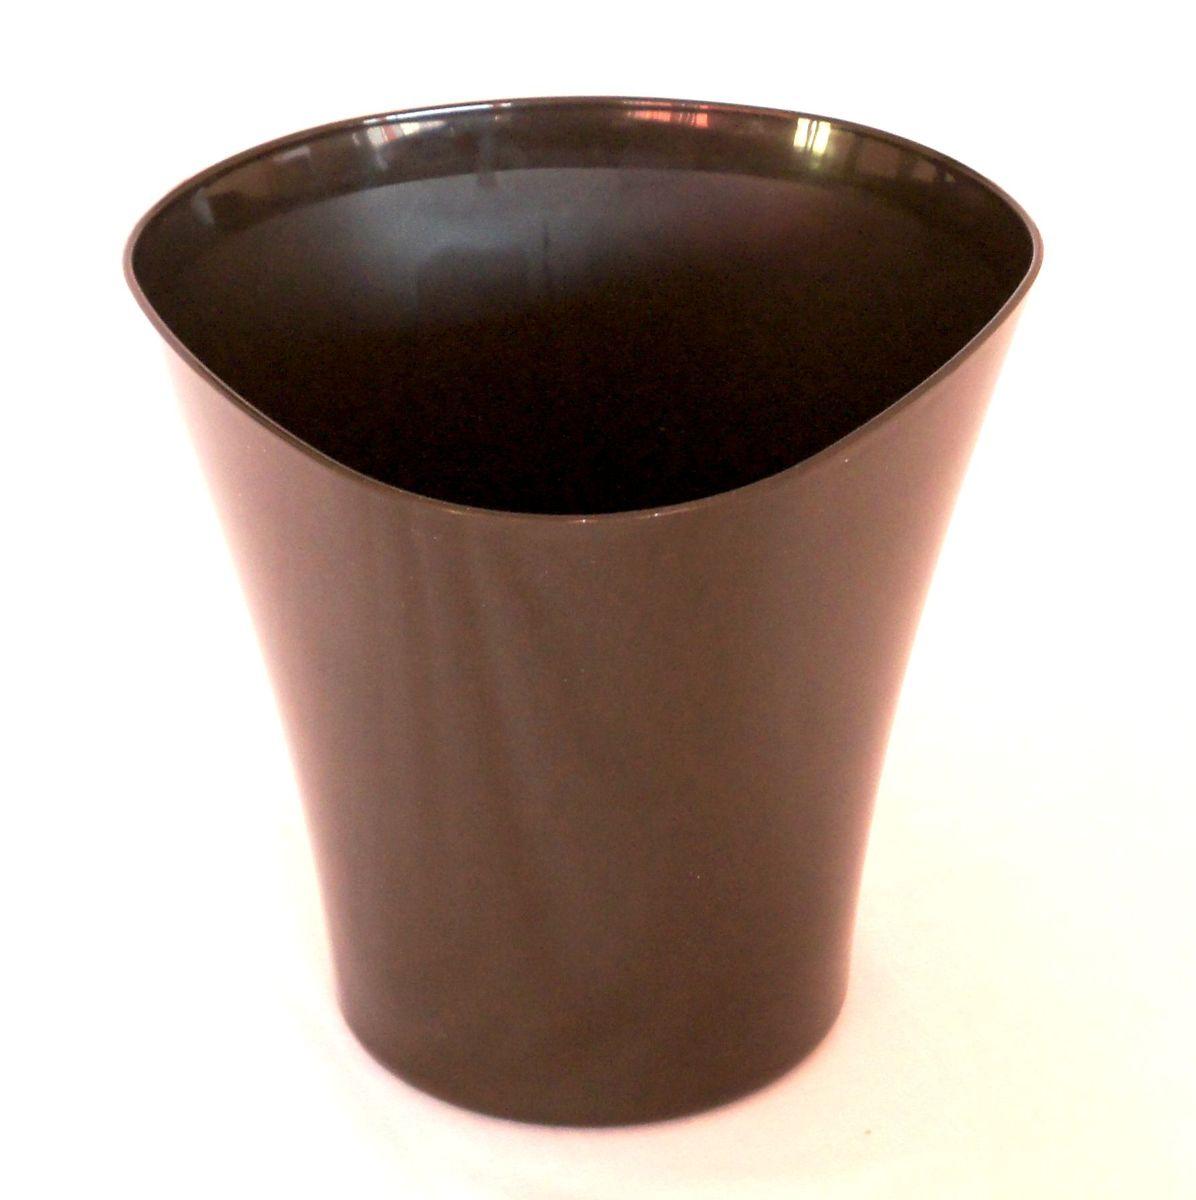 Кашпо JetPlast Волна, цвет: темный шоколад, 1,5 л4612754051267Кашпо Волна имеет уникальную форму, сочетающуюся как с классическим, так и с современным дизайном интерьера. Оно изготовлено из прочного полипропилена (пластика) и предназначено для выращивания растений, цветов и трав в домашних условиях. Такое кашпо порадует вас функциональностью, а благодаря лаконичному дизайну впишется в любой интерьер помещения. Объем кашпо: 1,5 л.